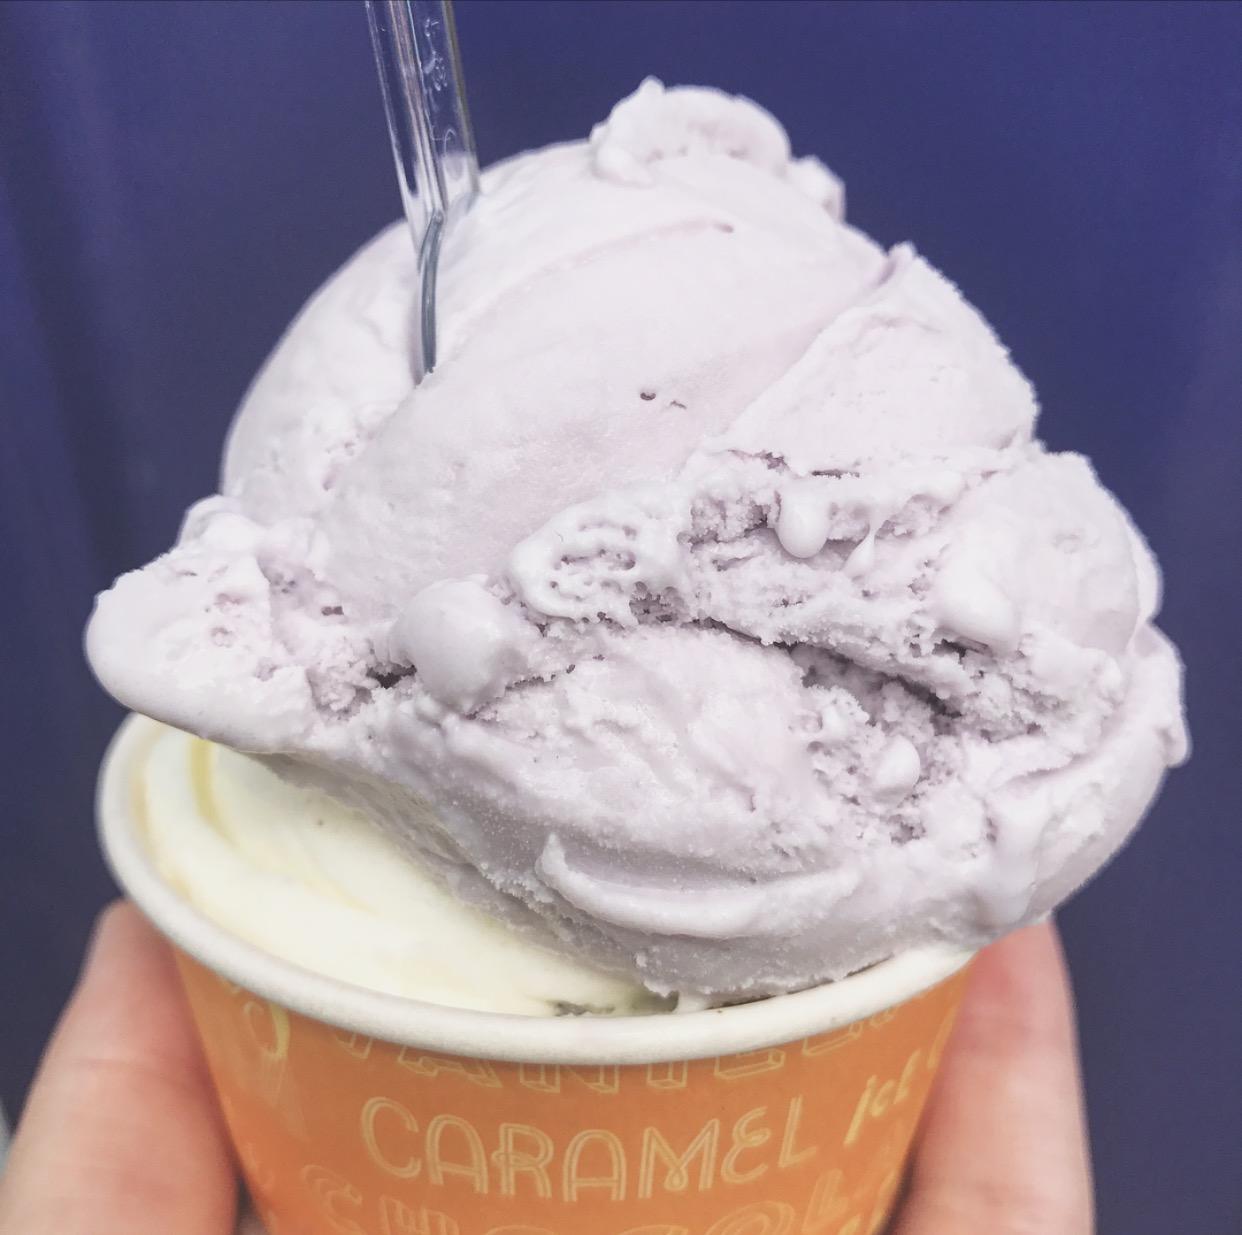 parma violet ice-cream